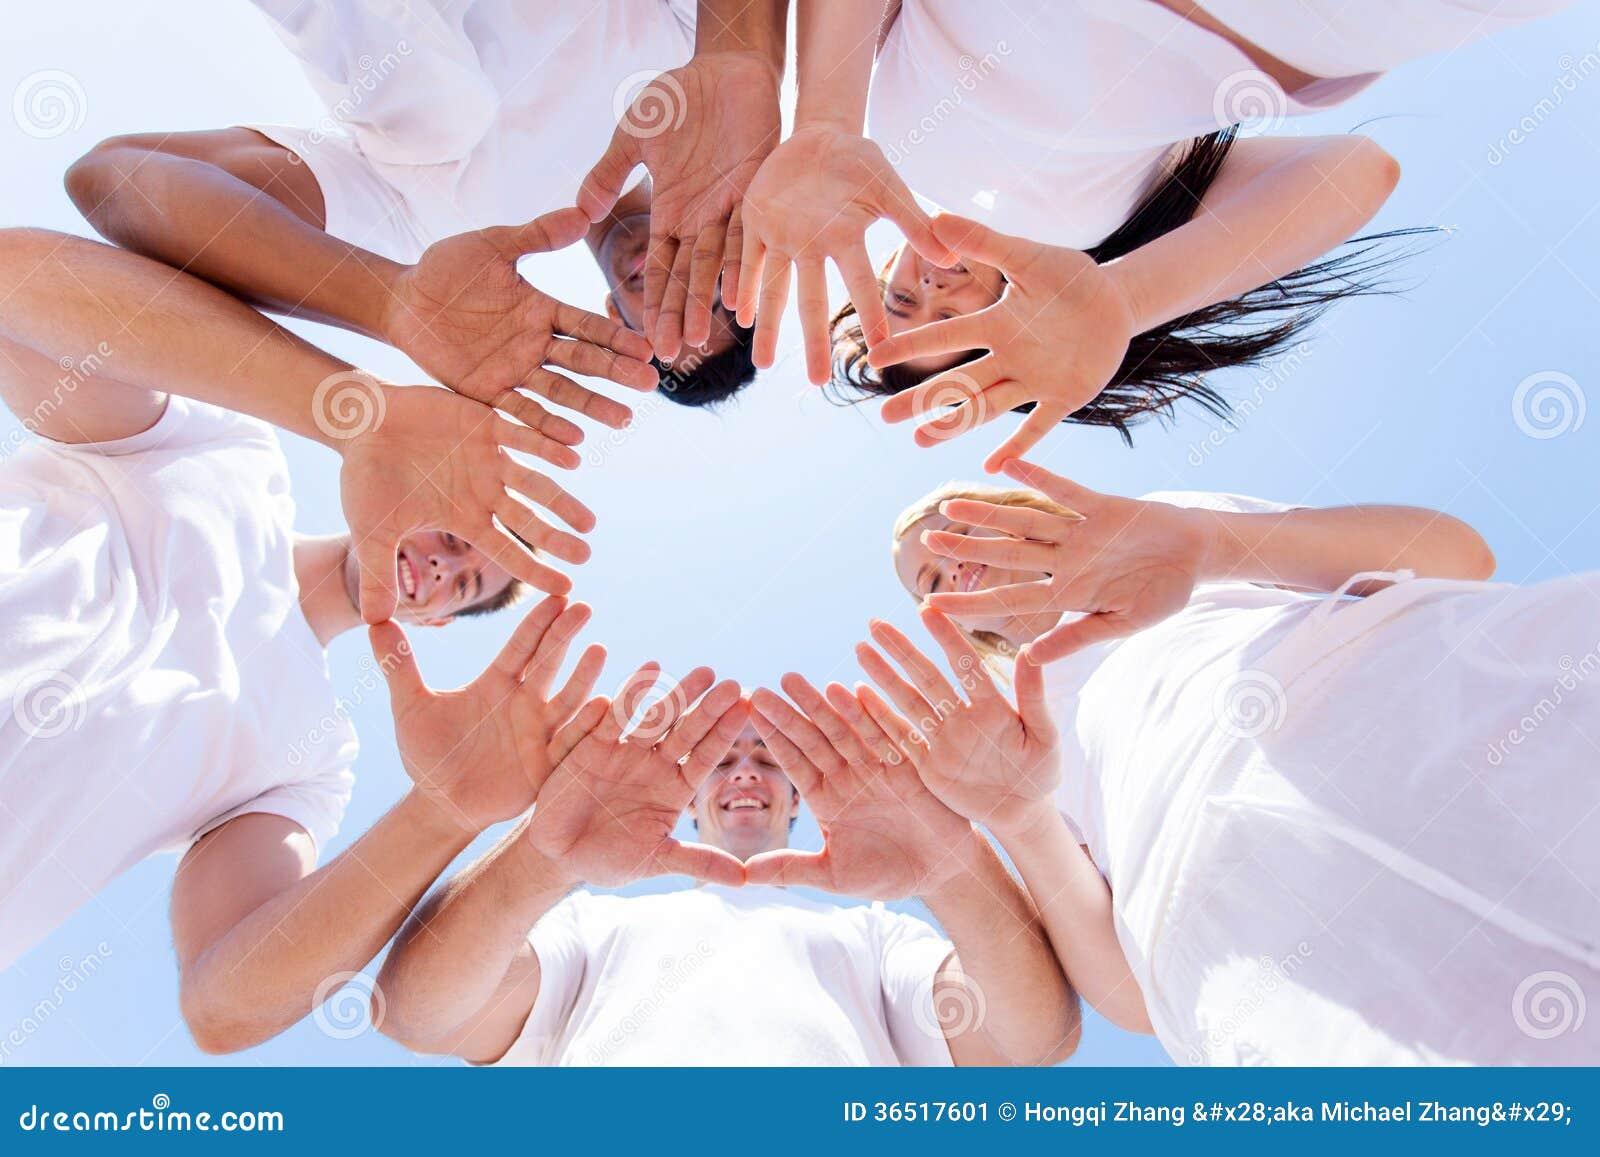 Folkhänder tillsammans